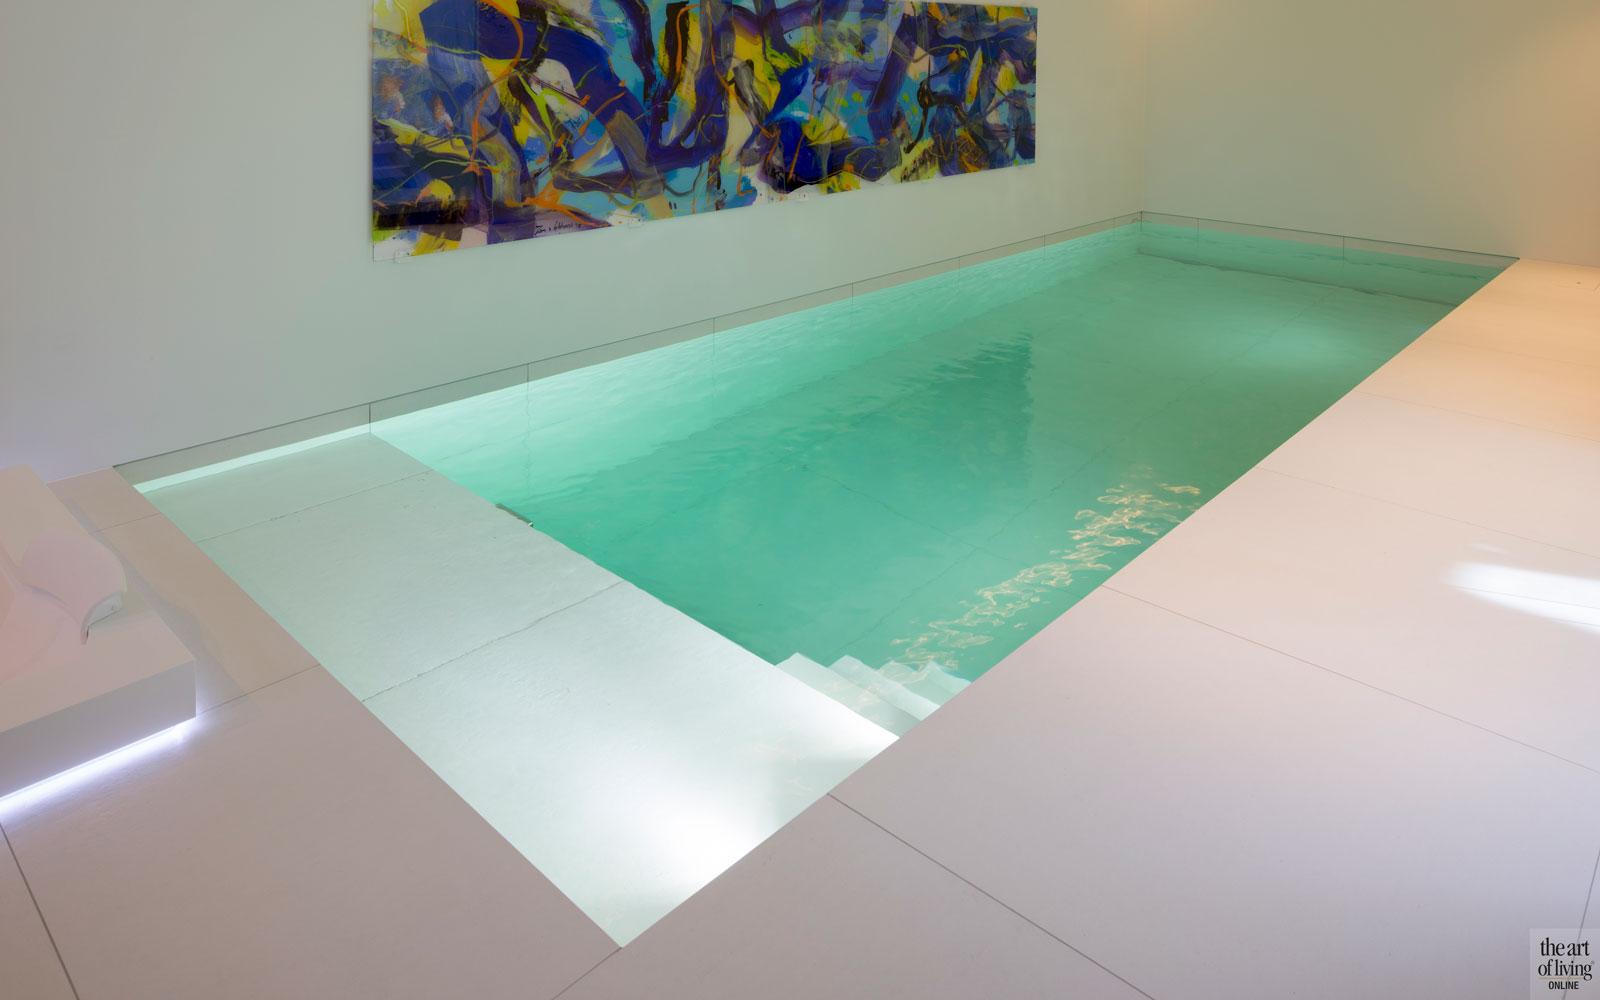 Zwembad, Ambiance, kunstwerk, Jan van Lokhorst, wellness, kelder, villa aan het water, Lab32 architecten